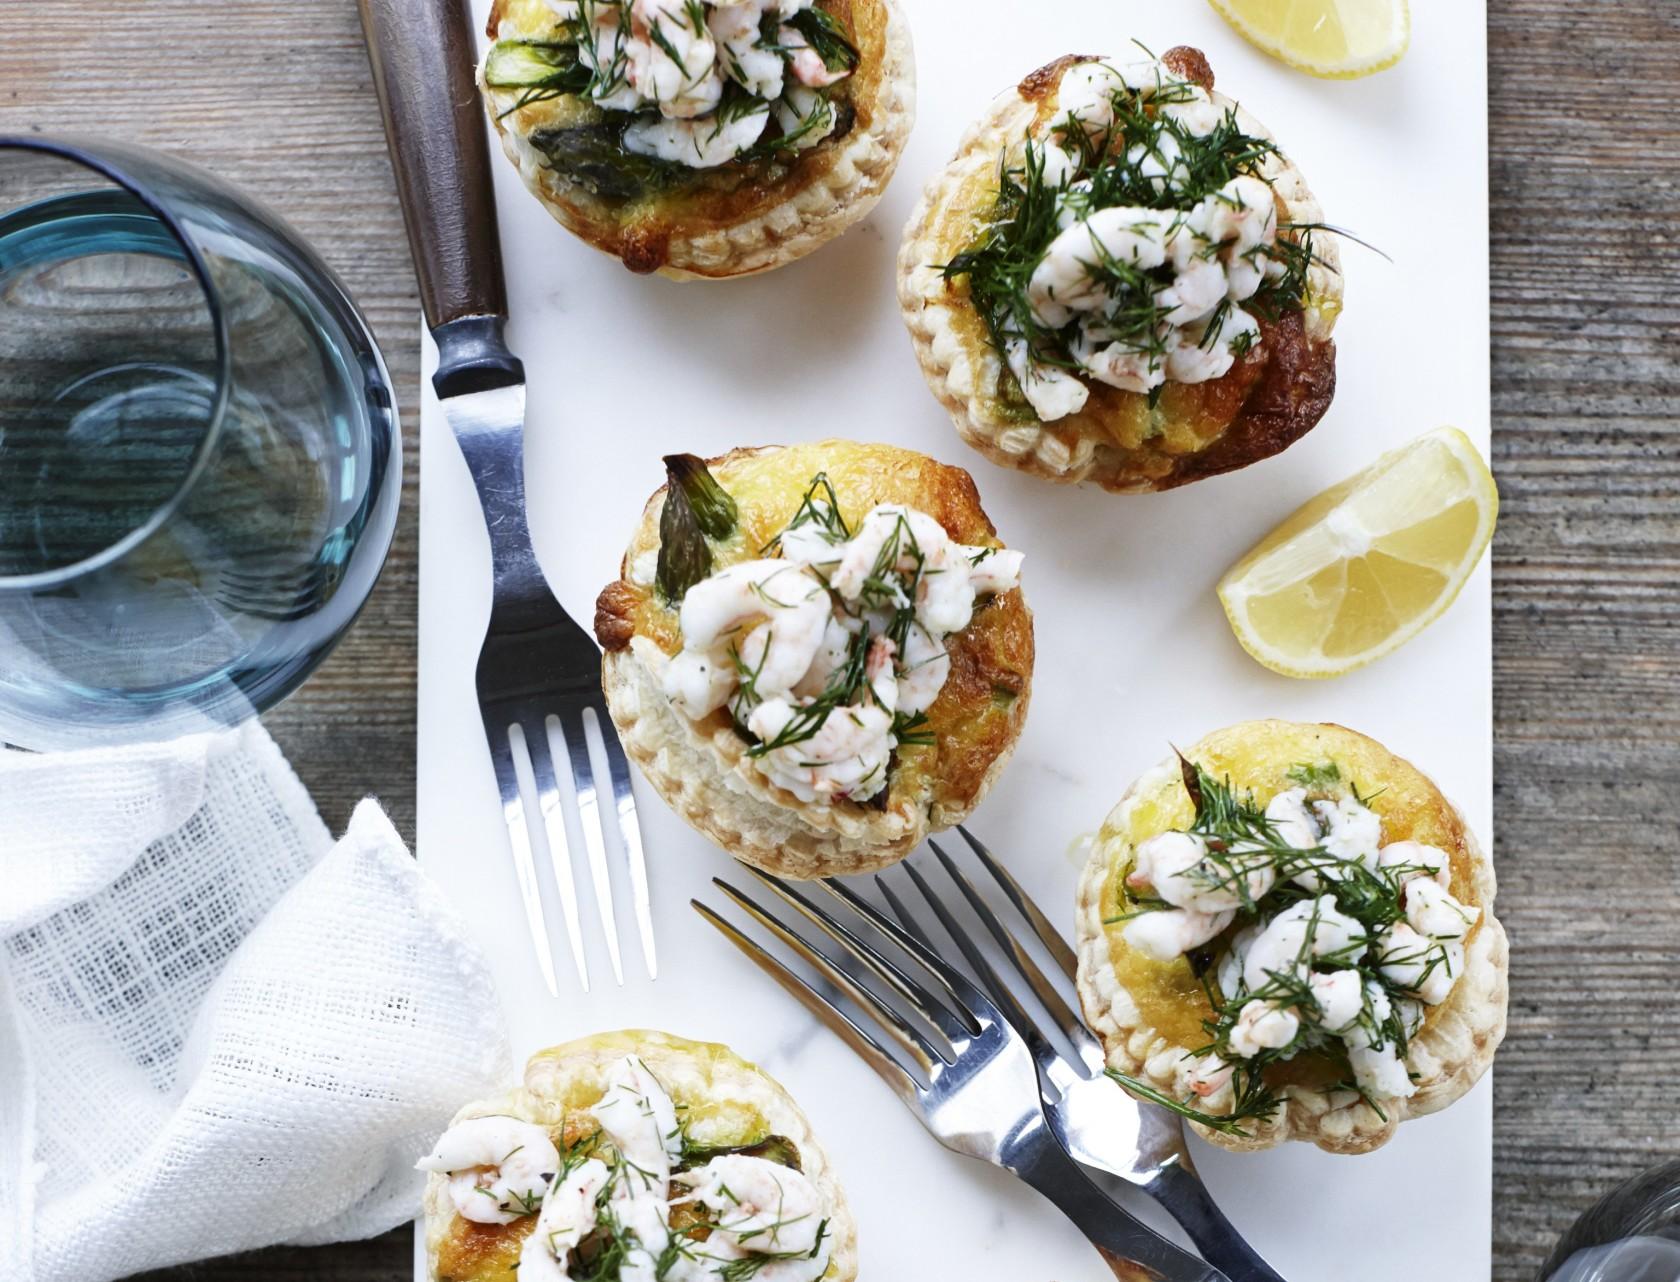 Tarteletter med grønne asparges og rejer - lækker opskrift med hjemmebagte skaller.